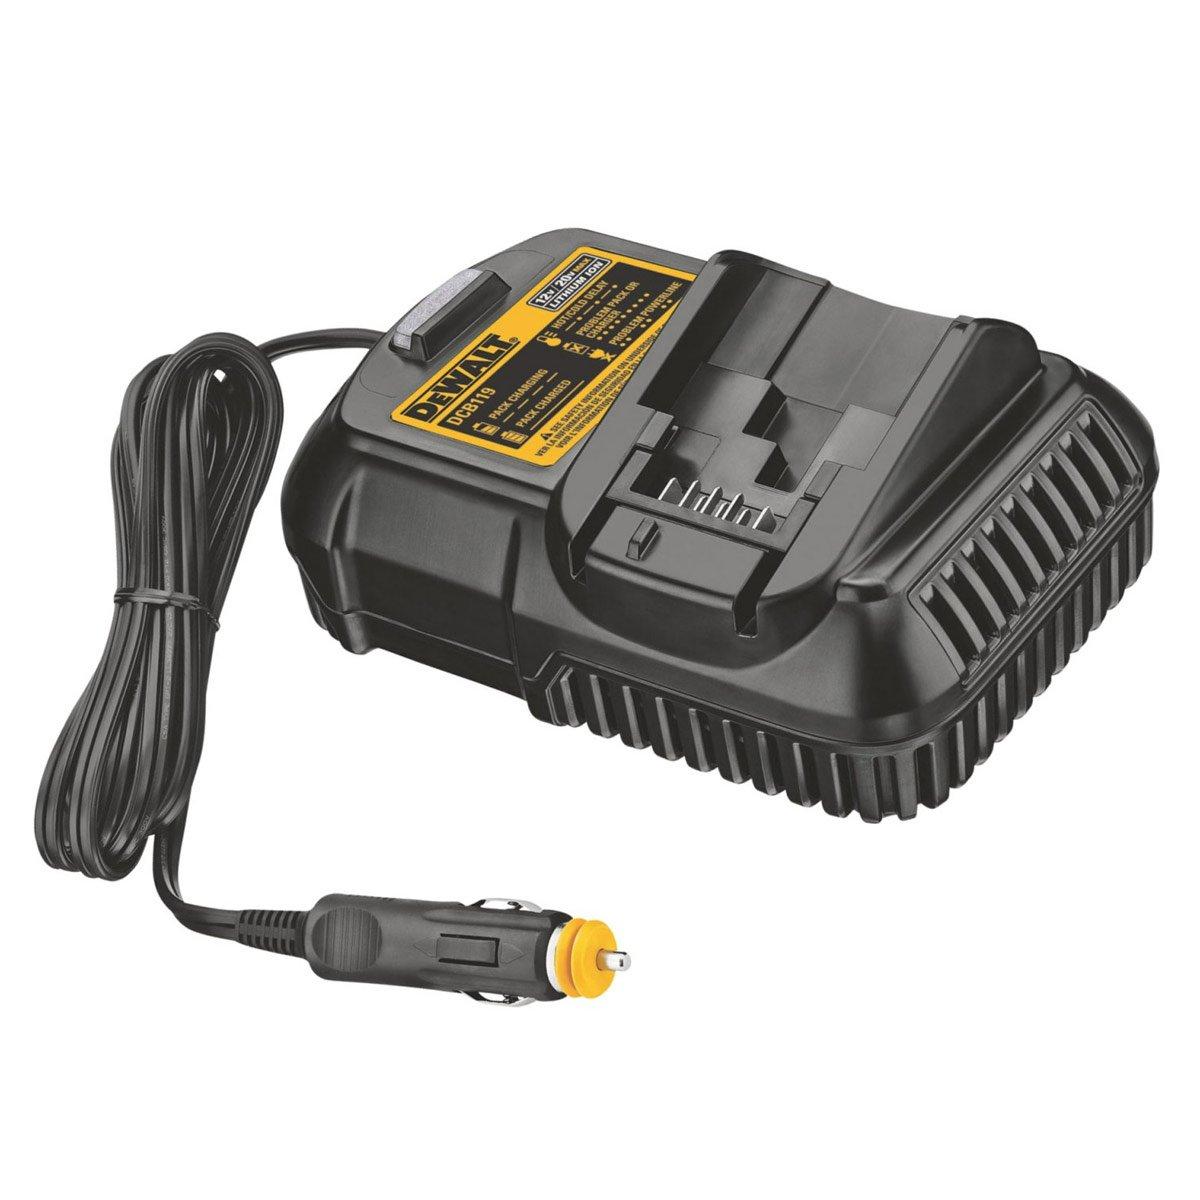 DeWalt Lithium Ion Car Battery Charger for 10.8V/ 14.4V/ 18V XR Batteries 1.5Ah or 3Ah DCB119-XJ